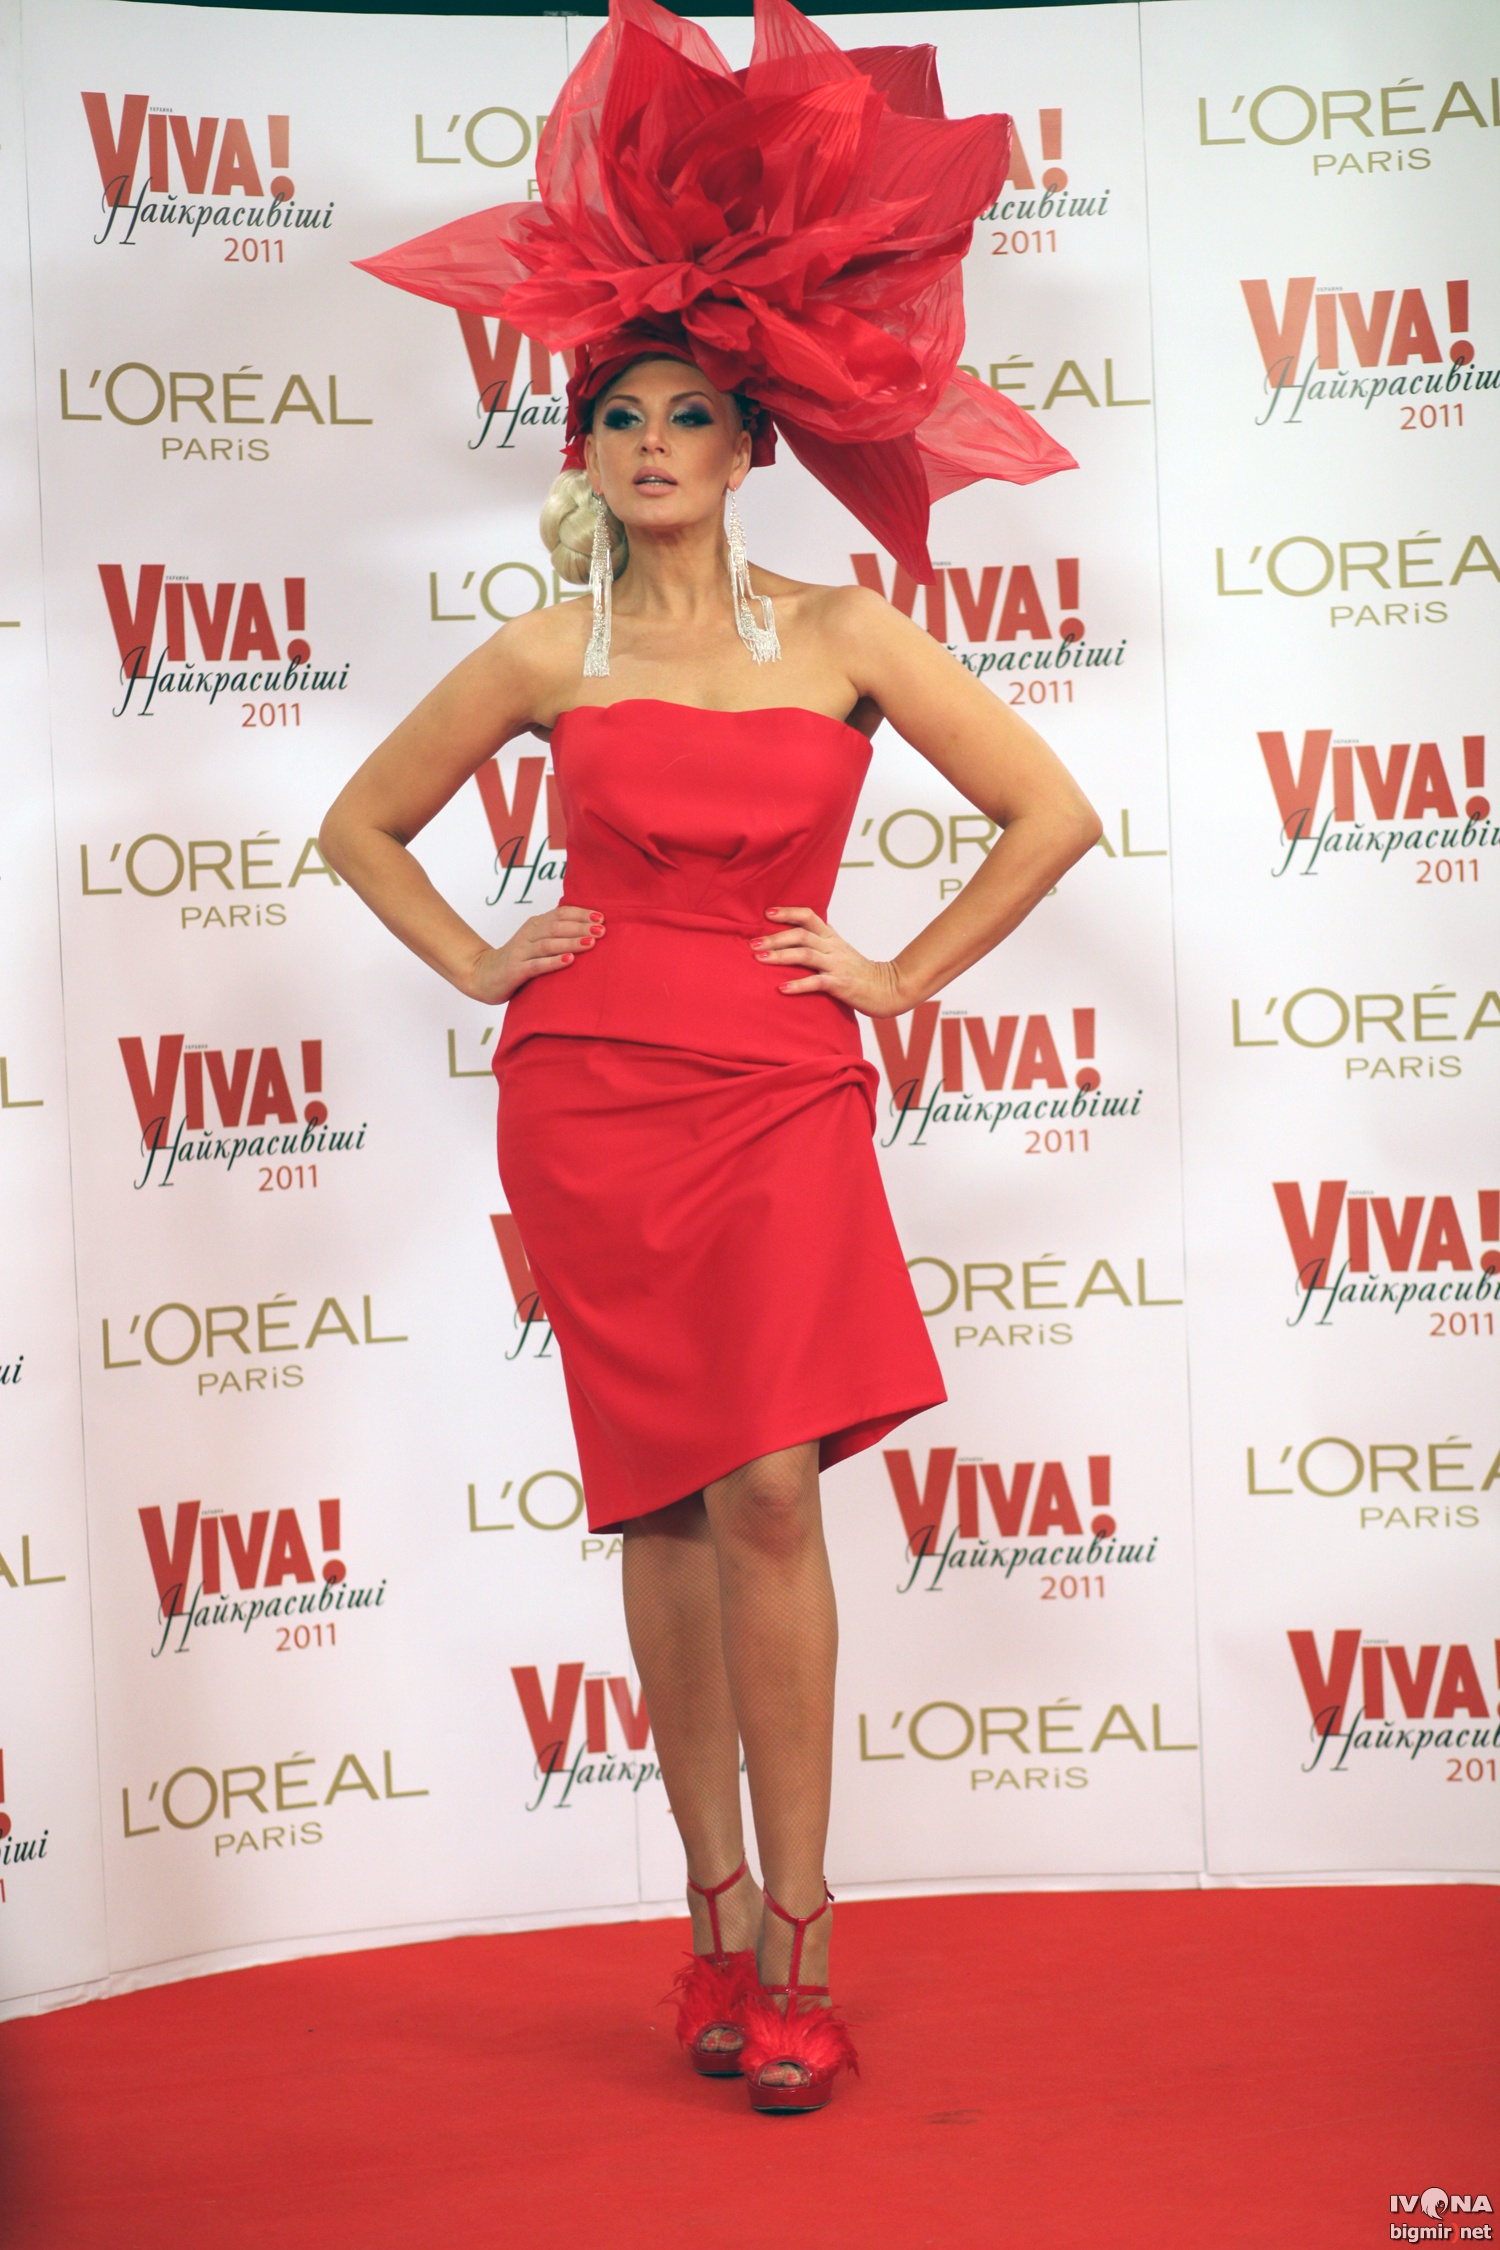 Светлана Вольнова – светская львица без ума от откровенных платьев, вызывающих головных уборов и высоких каблуков